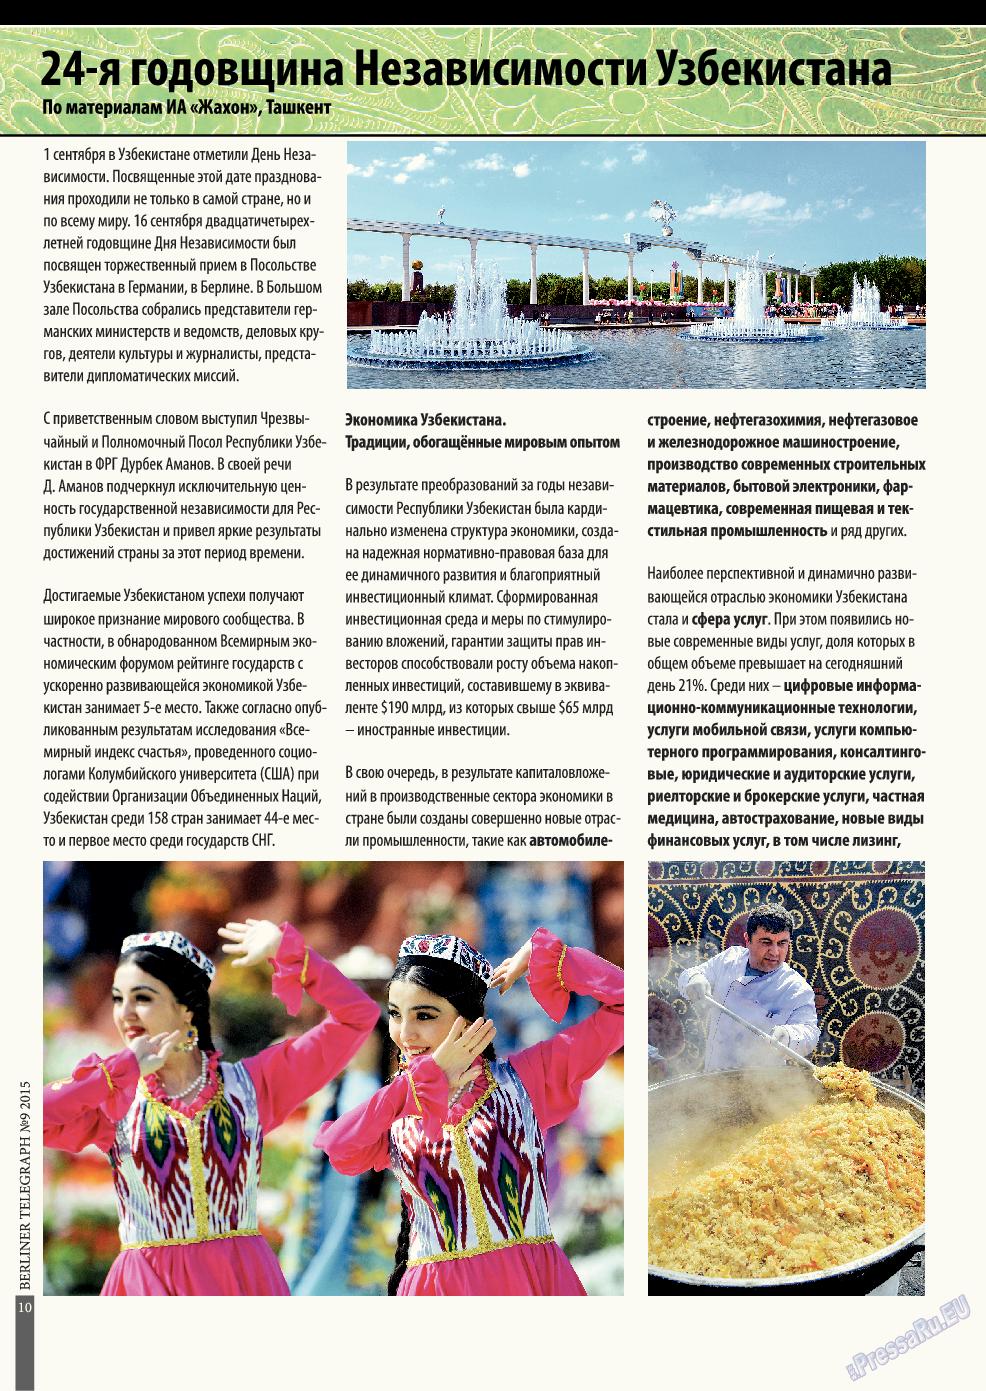 Берлинский телеграф (журнал). 2015 год, номер 10, стр. 10